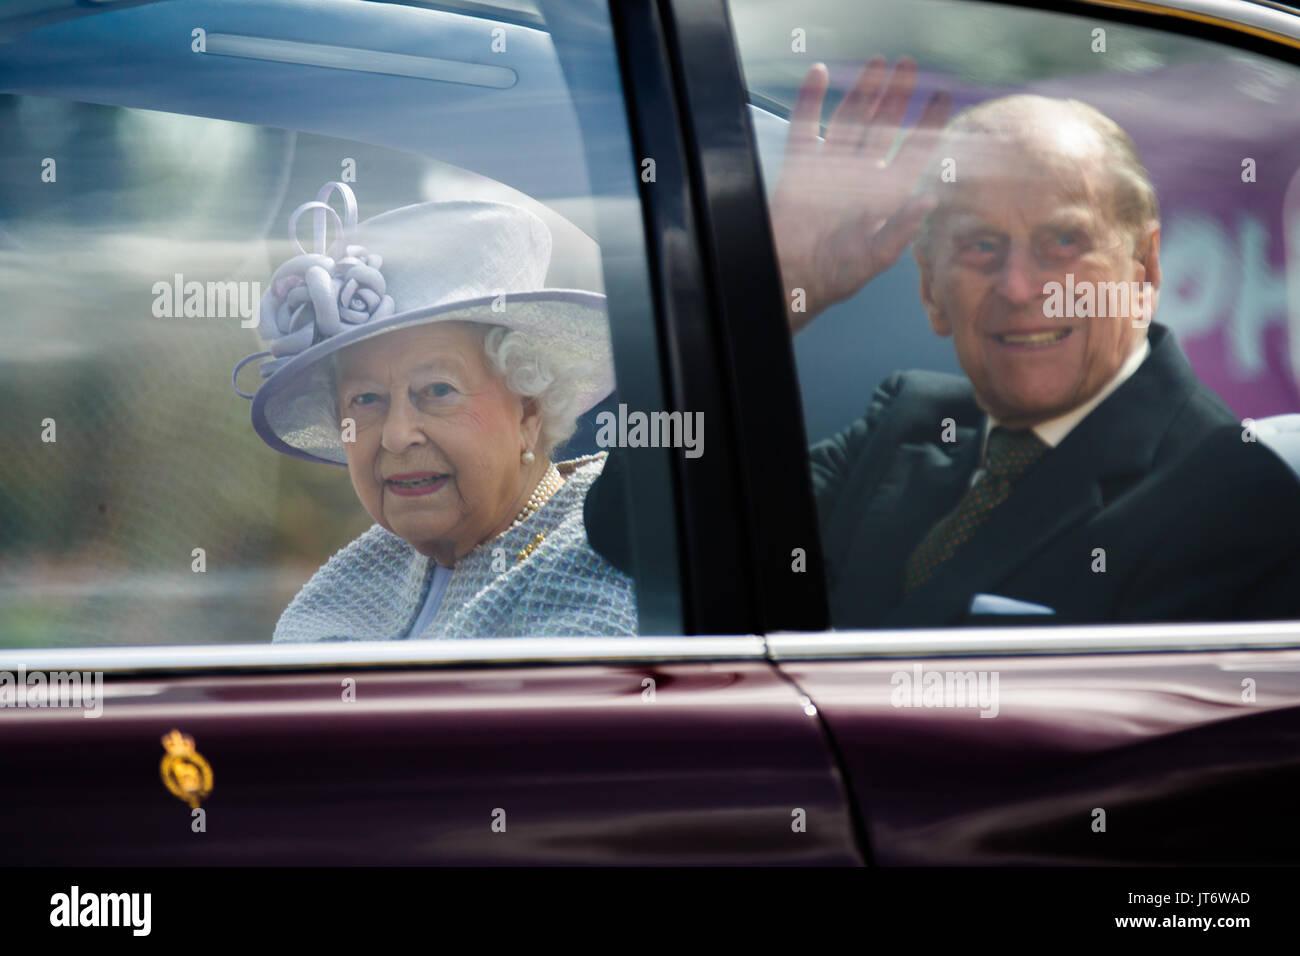 Su Majestad la Reina Isabel II, acompañada por Su Alteza Real el Príncipe Felipe, Duque de Edimburgo, deje ZSL Whipsnade Zoo tras la apertura del centro de cuidado de elefantes Imagen De Stock